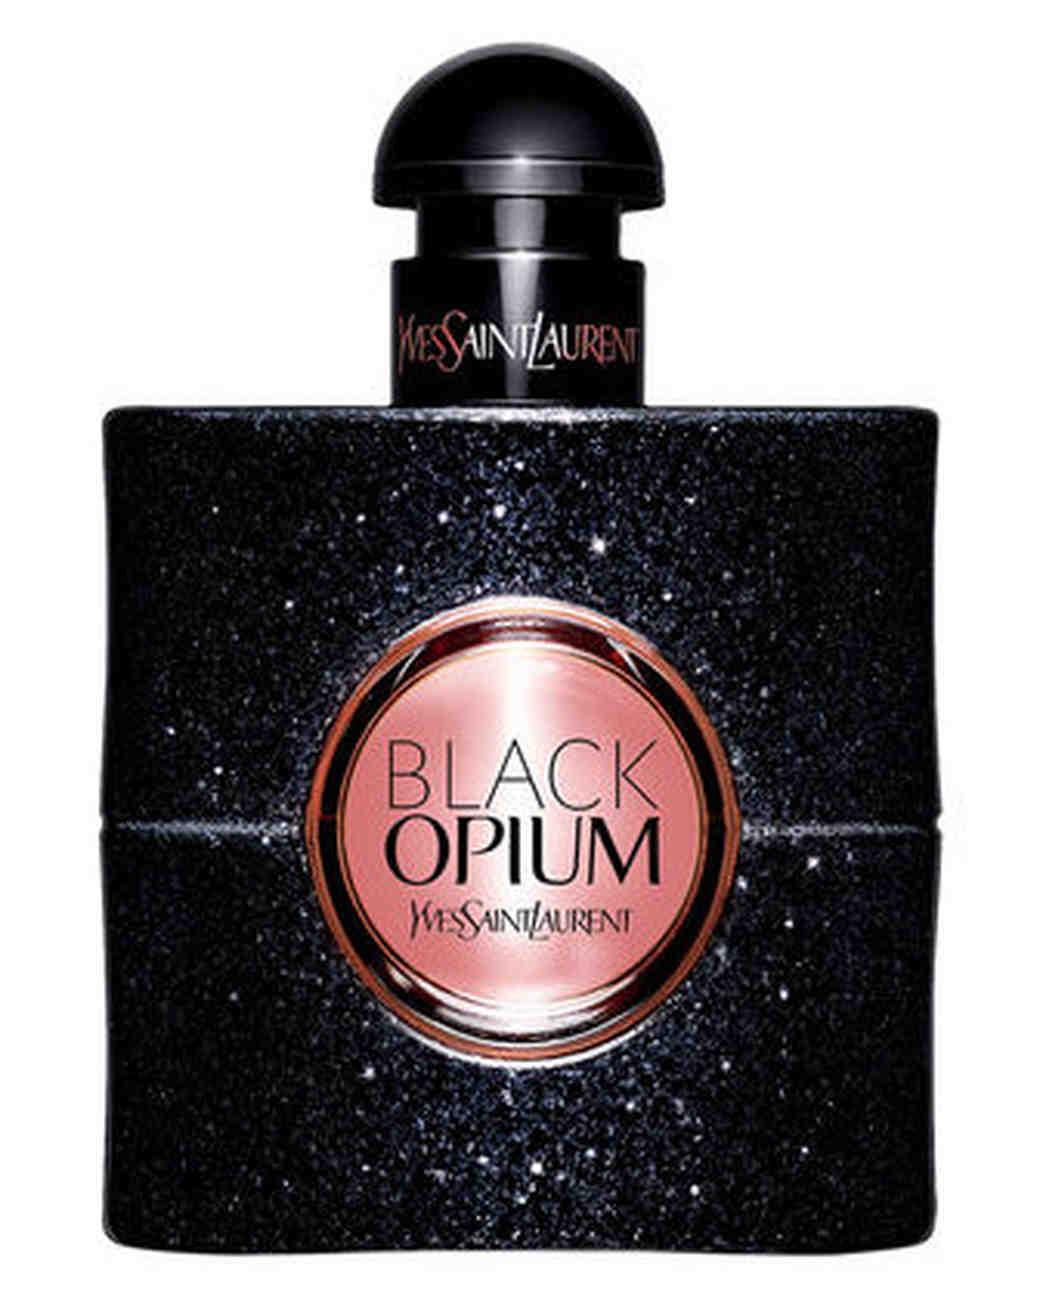 YSL Black Opium Fragrance for Winter